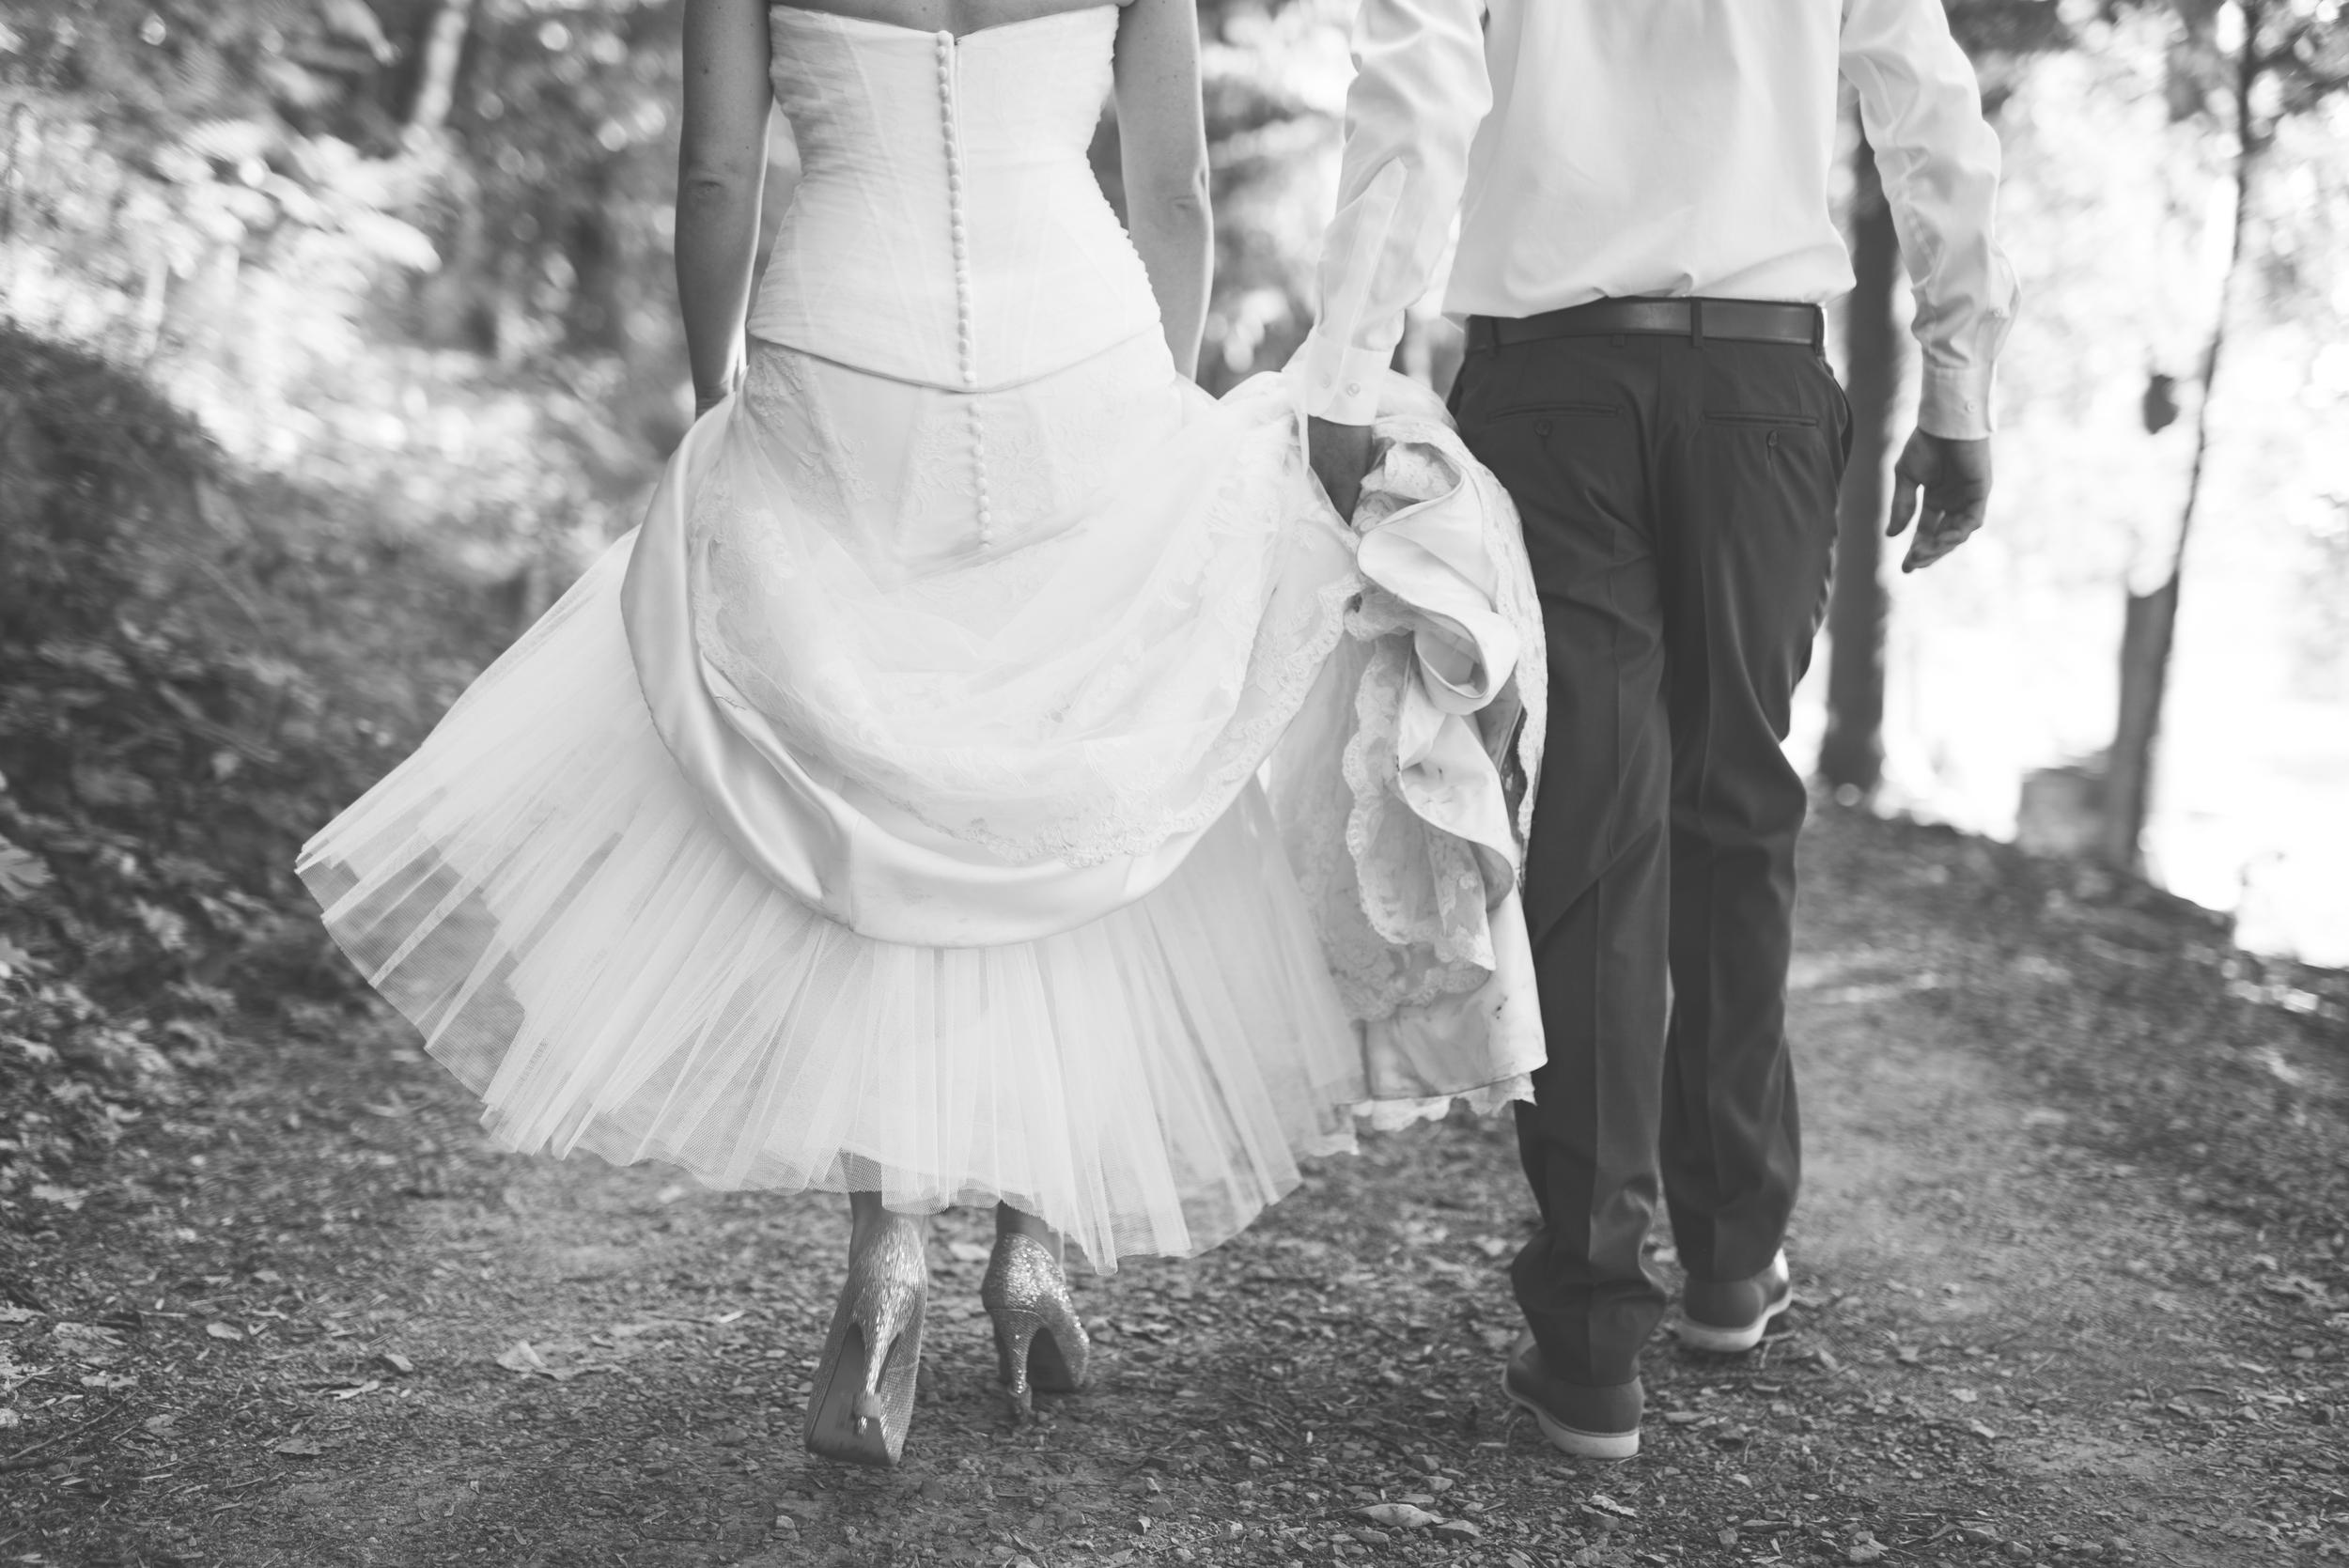 mariage_Marie-Eve_Nagant_Photographe-53.jpg